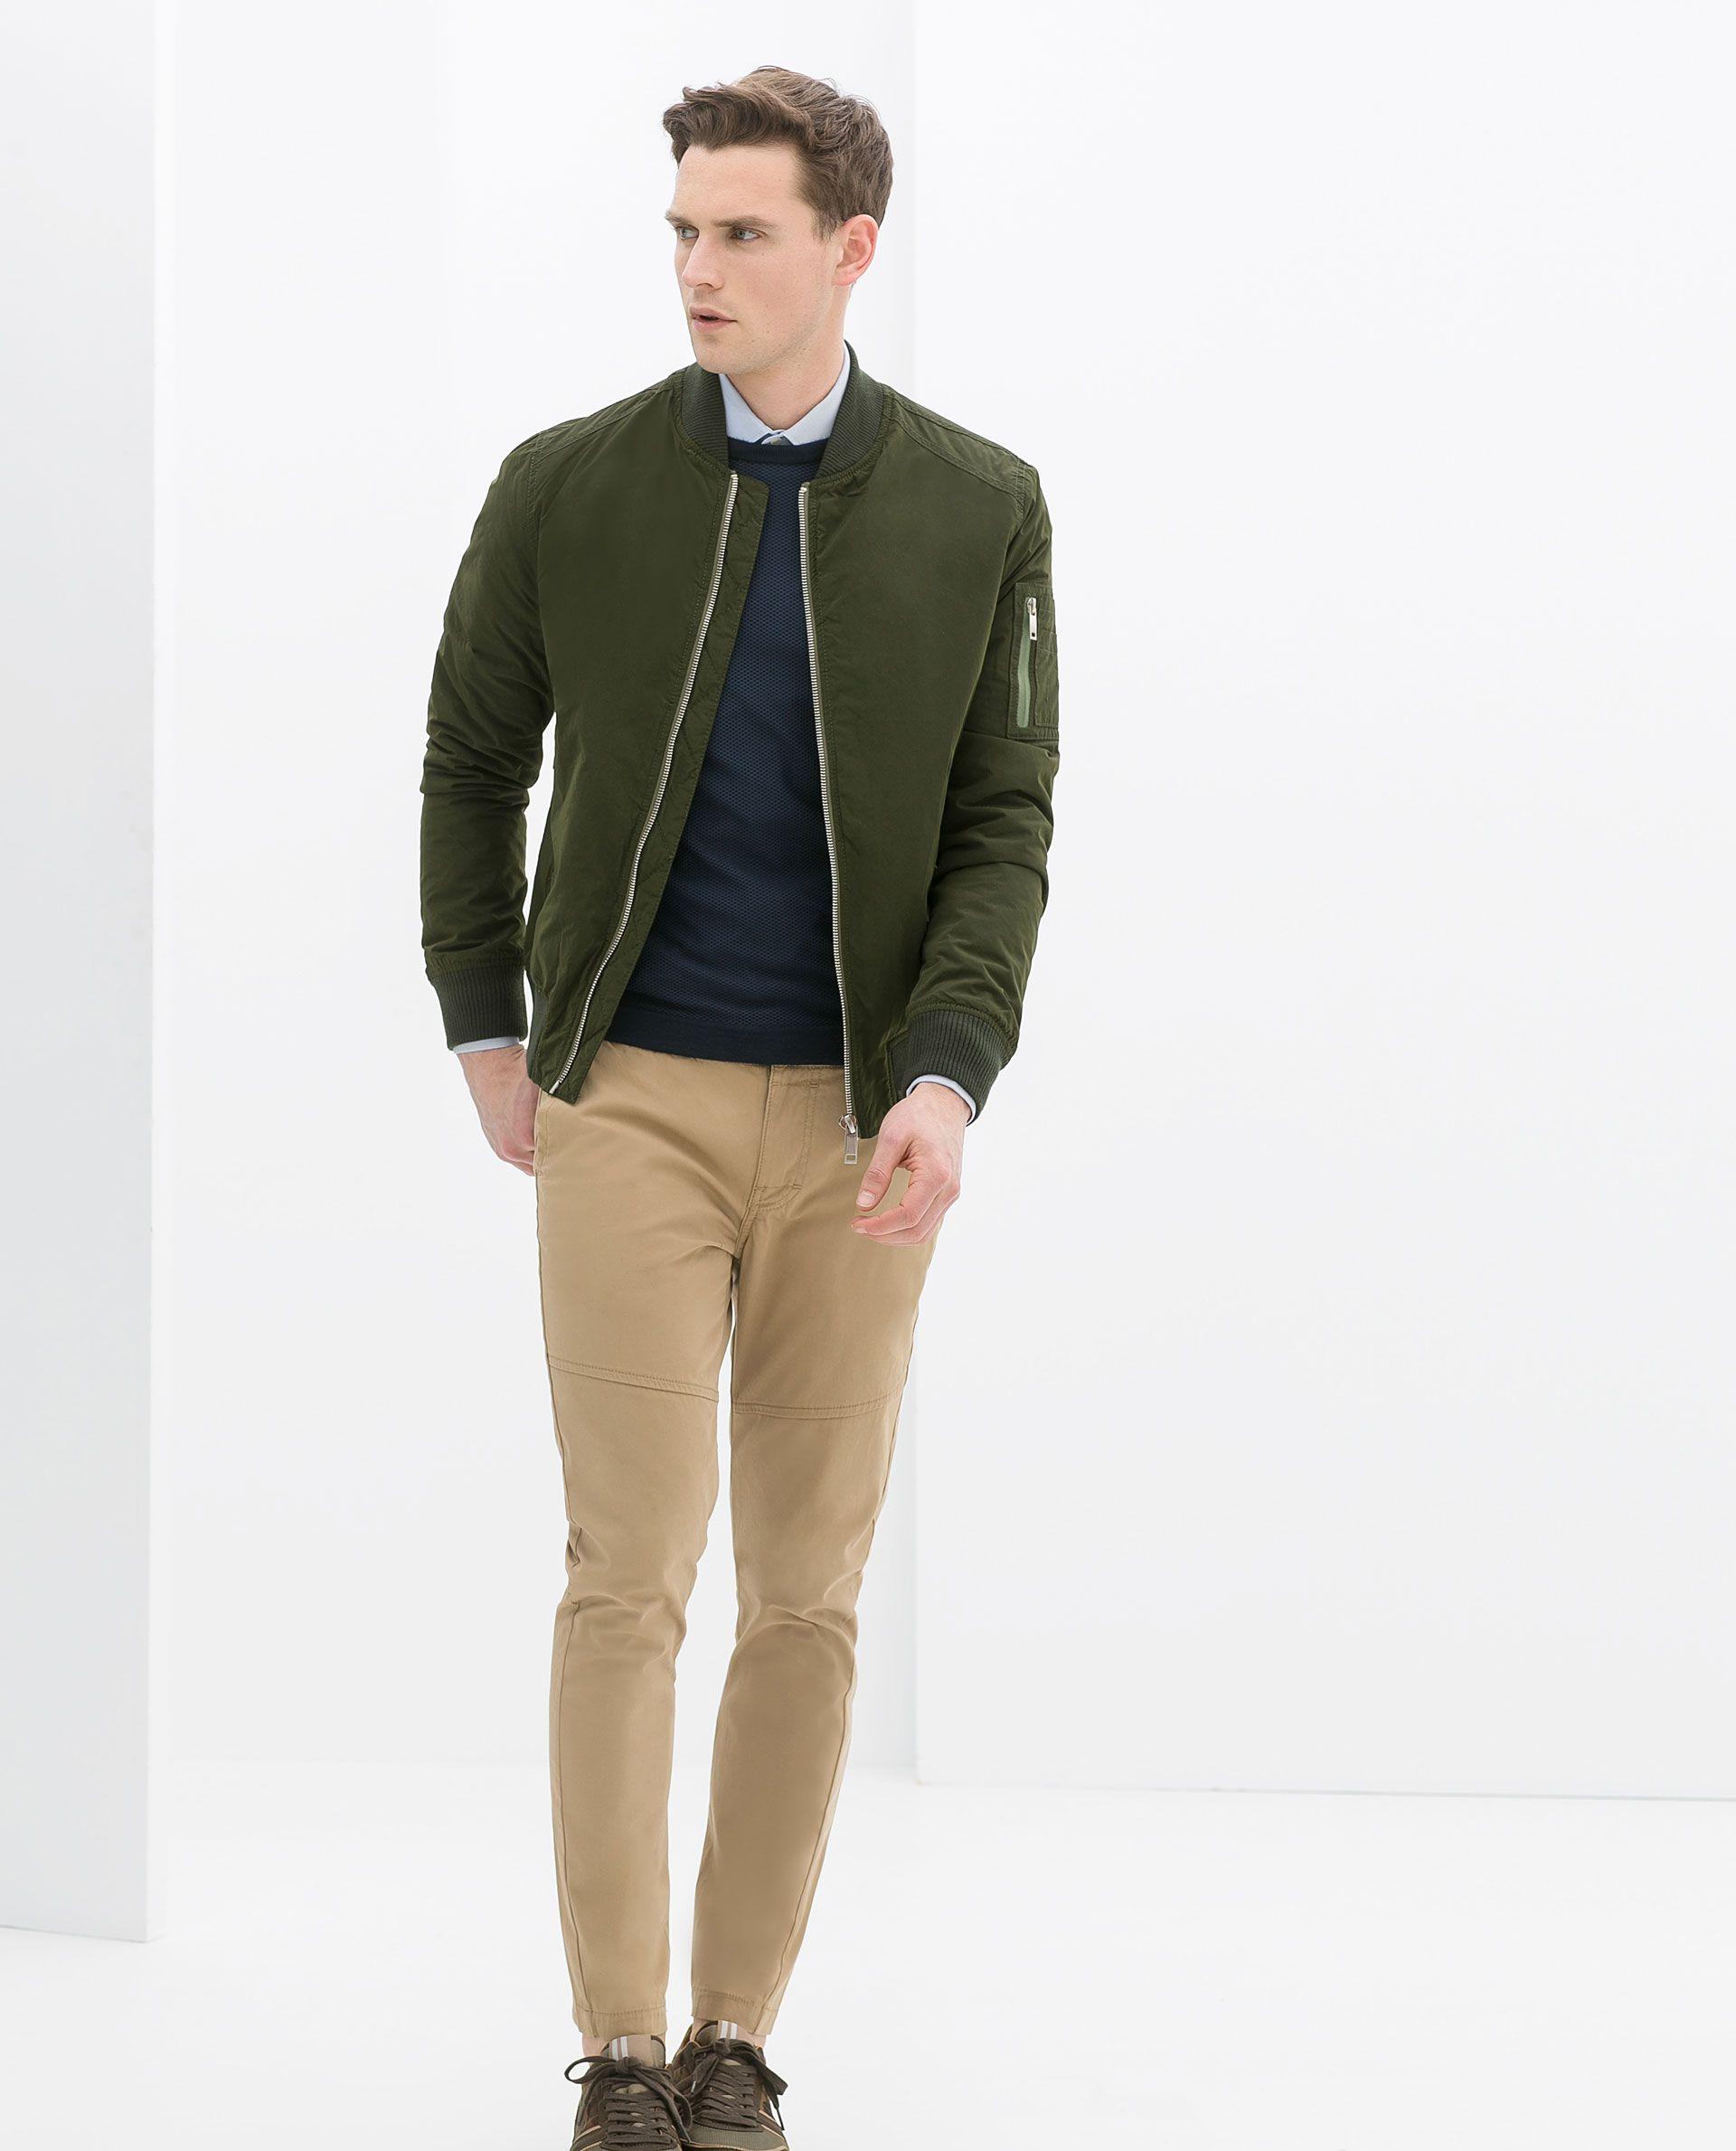 Zara kombinierte bomberjacke 79 95 eur outerwear - Hm herren jeans ...